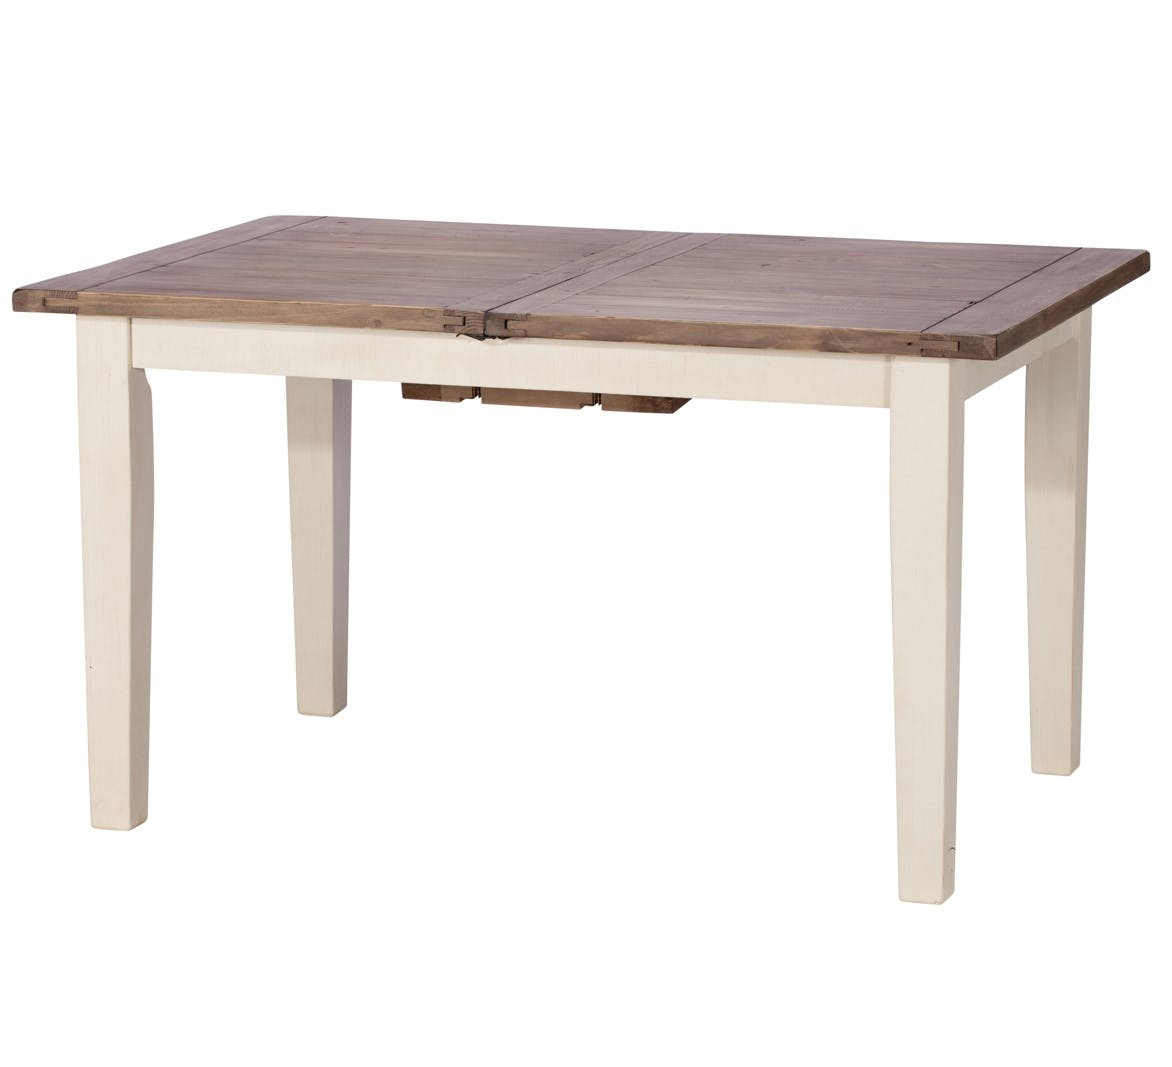 Charmant Table à Manger Extensible Bois Recyclé 140 180 BRISTOL